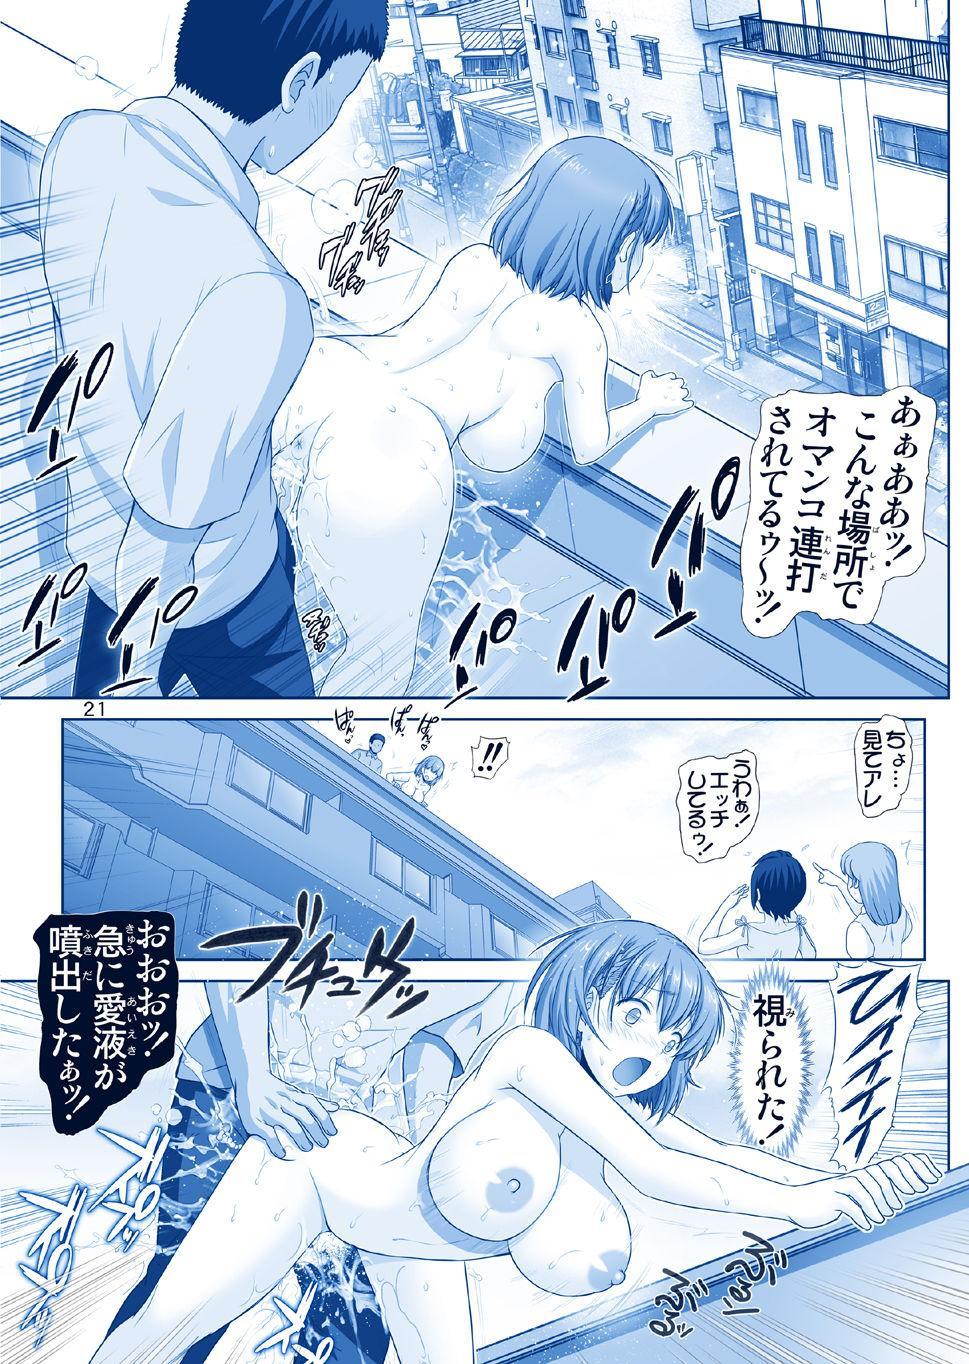 Tawawa no Kanshoku 3 20